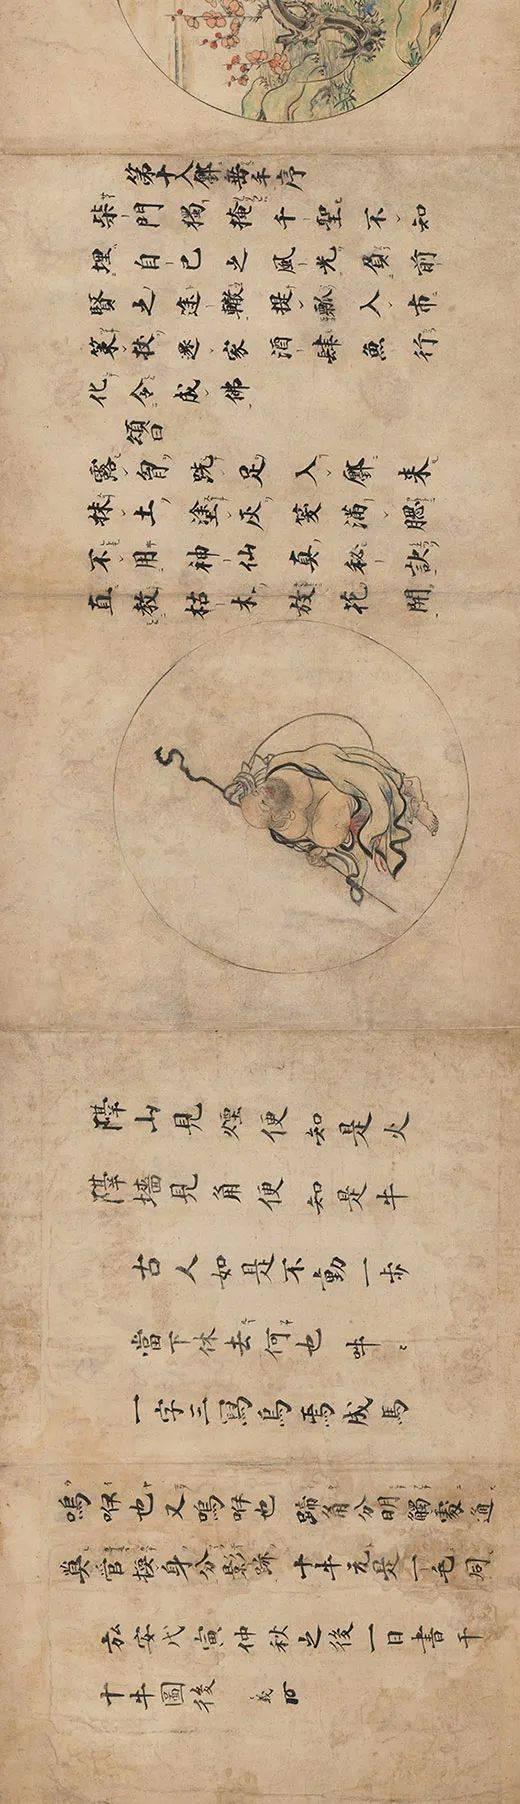 宋 代 長 卷 : 十 幅 圖 寓 禪 宗 證 道 如 牧 牛